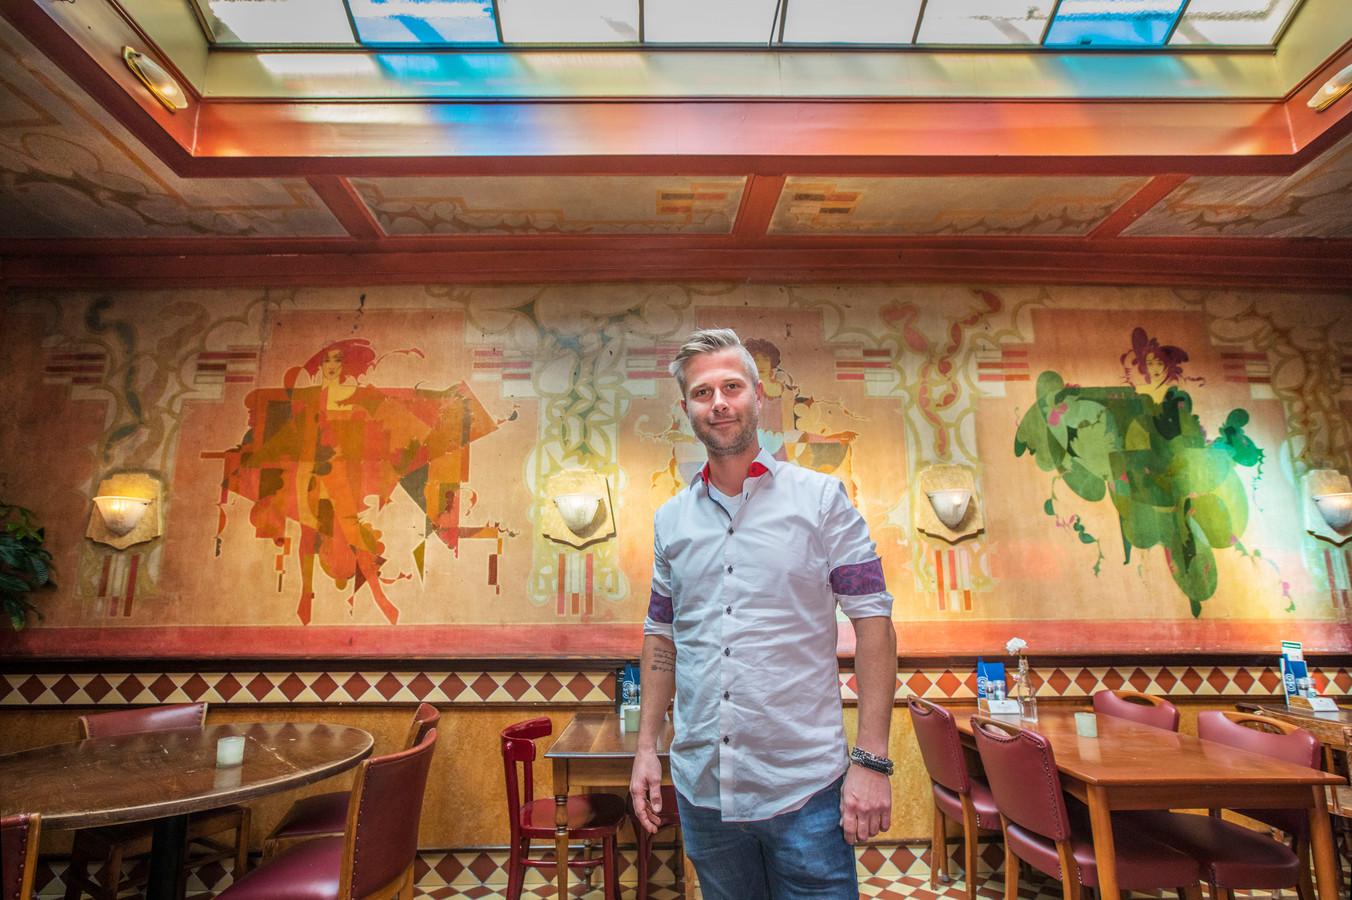 Open monumentendag in Gouda. In Grand Café Central bevindt zich een salon met Art Deco schilderingen van kunstenaar Piet den Besten. Op de foto ook eigenaar Sander Letschert.